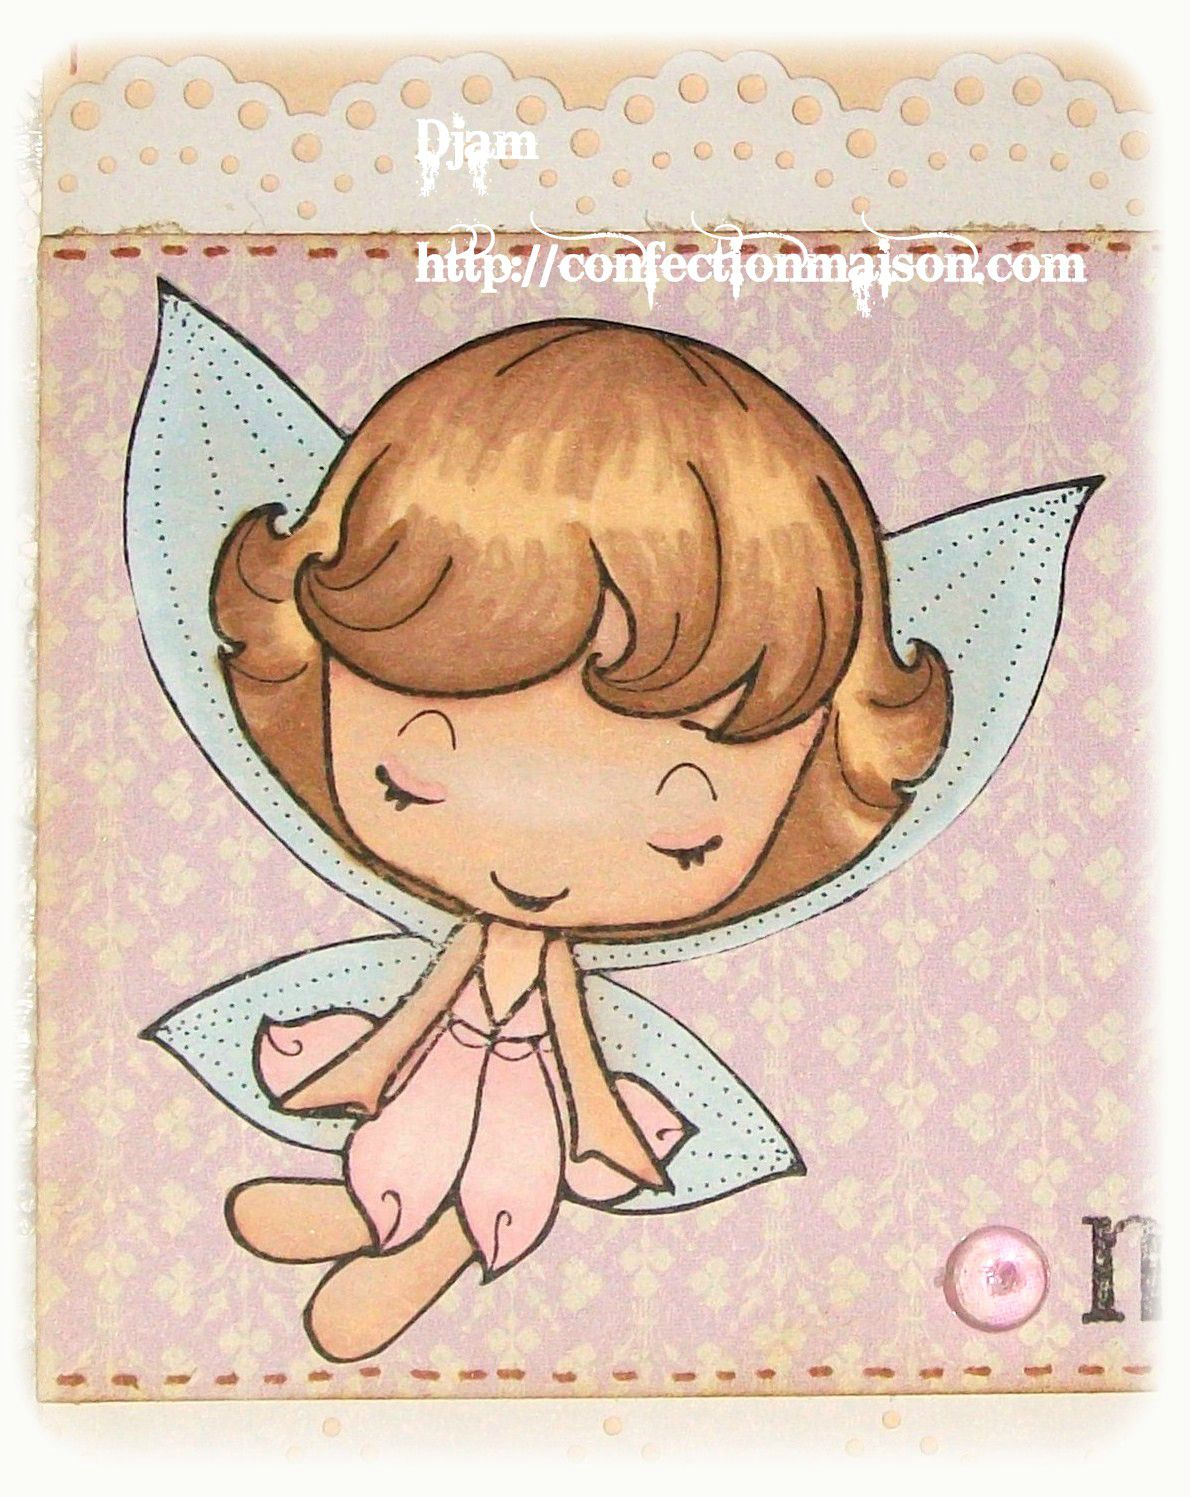 http://storage.canalblog.com/26/26/52086/77376248_o.jpg